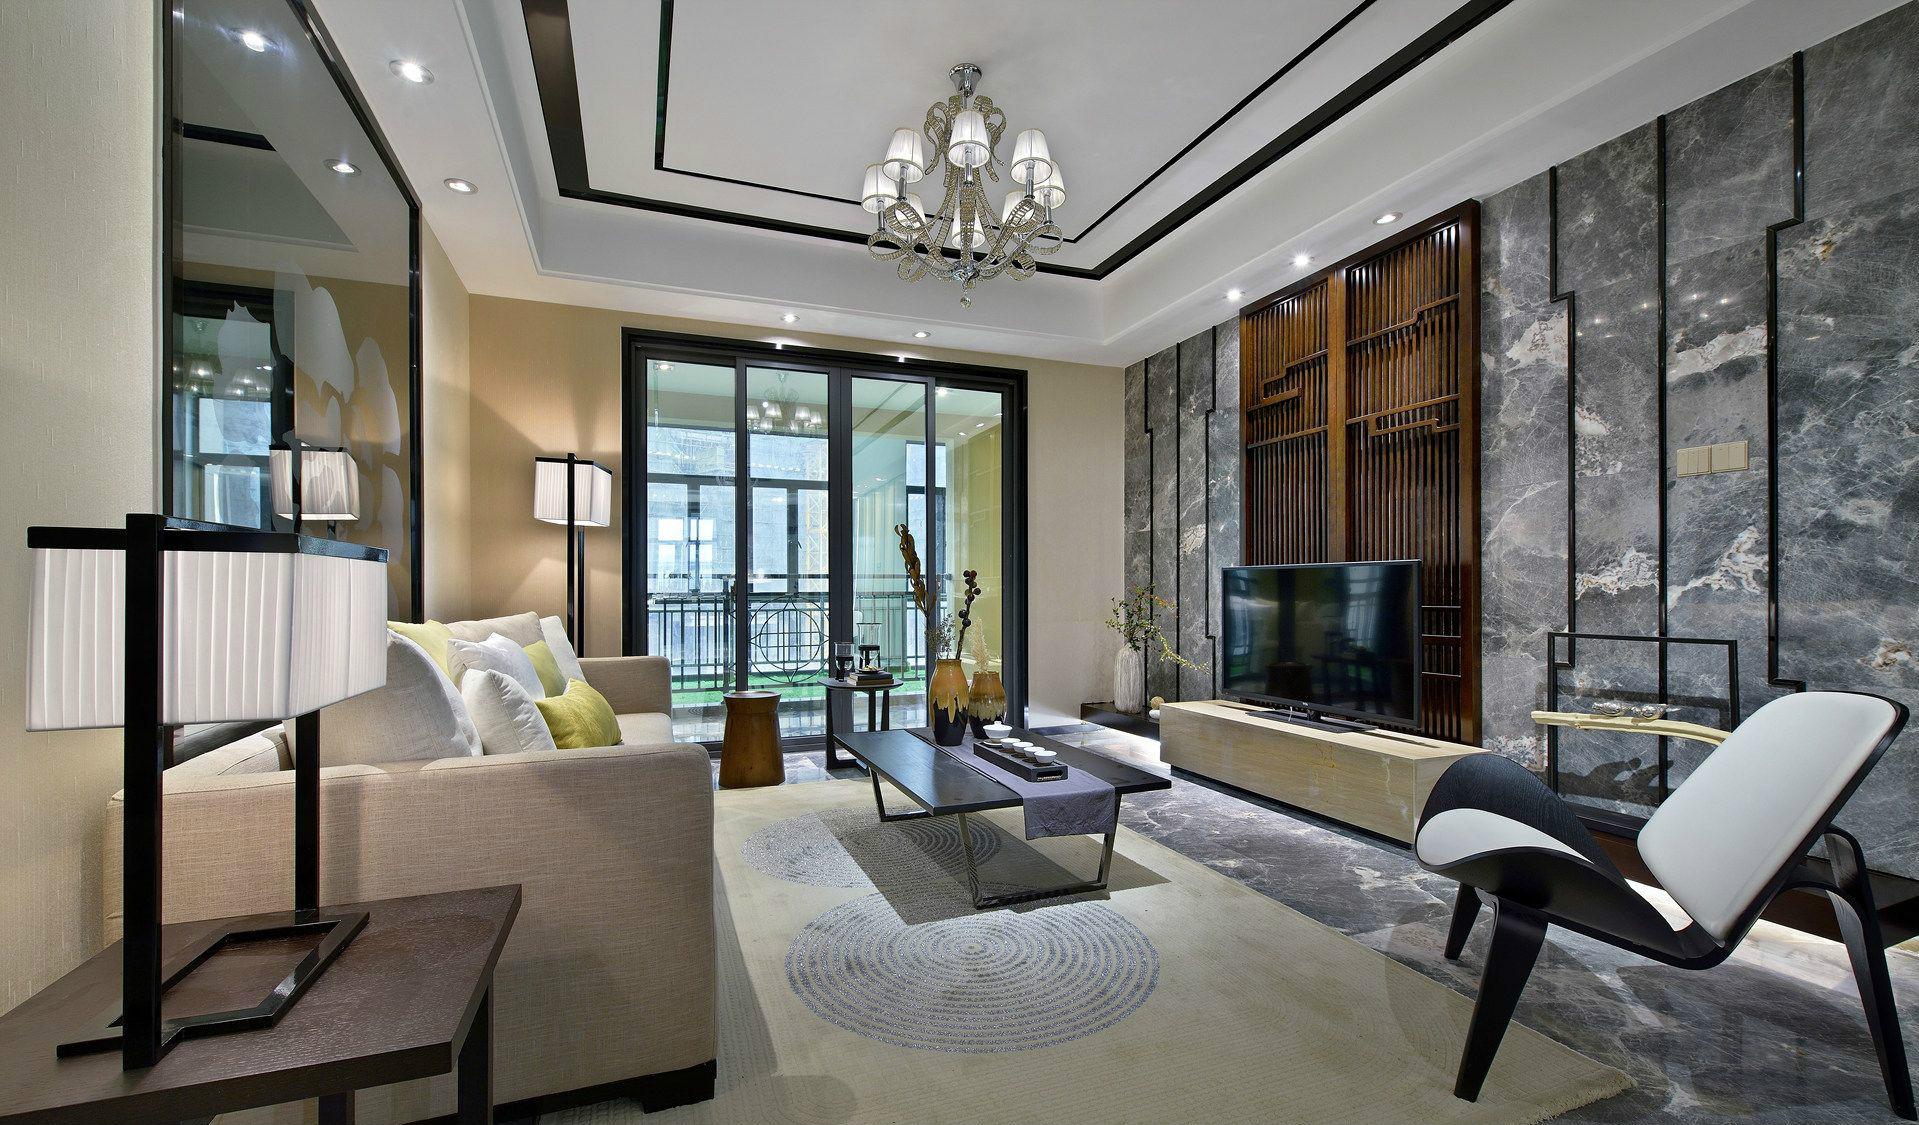 客厅的主色调为浅色系,搭配灰色电视背景墙,冷暖平衡,提亮了整个空间